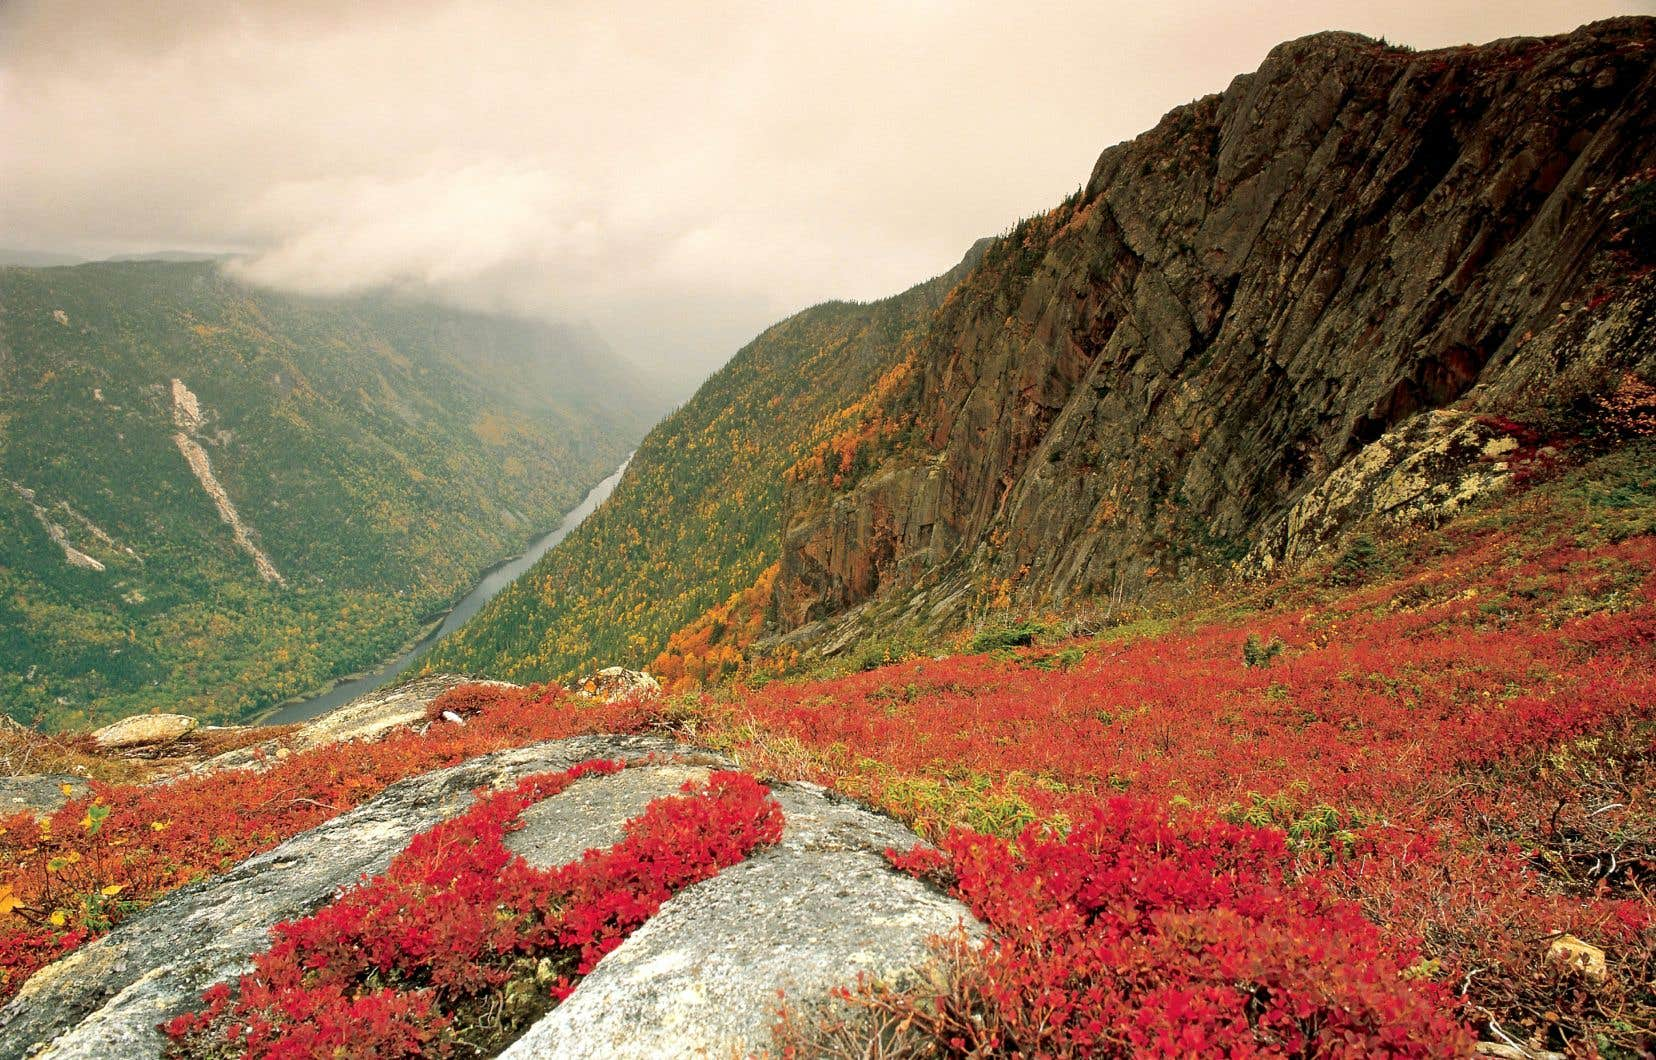 Vue du sommet de l'Acropole des Draveurs, un sentier situé dans le parc national des Hautes-Gorges-de-la-Rivière-Malbaie, dans Charlevoix. La région est réputée pour  ses paysages à couper le souffle.